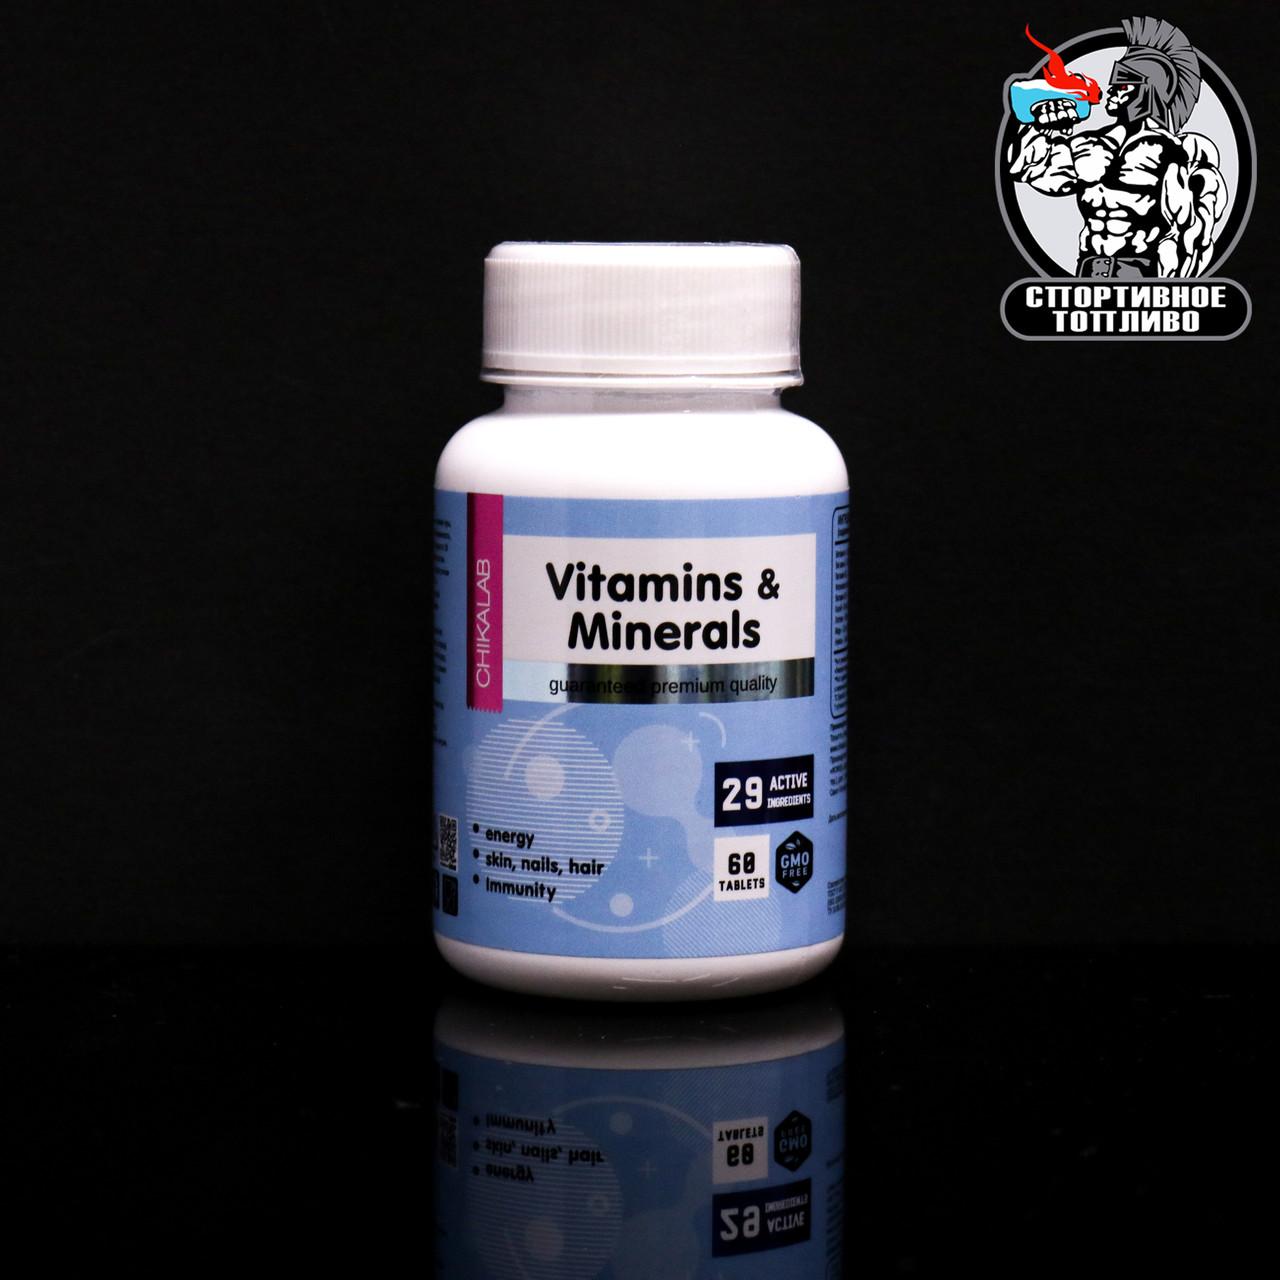 Chikalab - Vitamins & Minerals 60табл/30порций